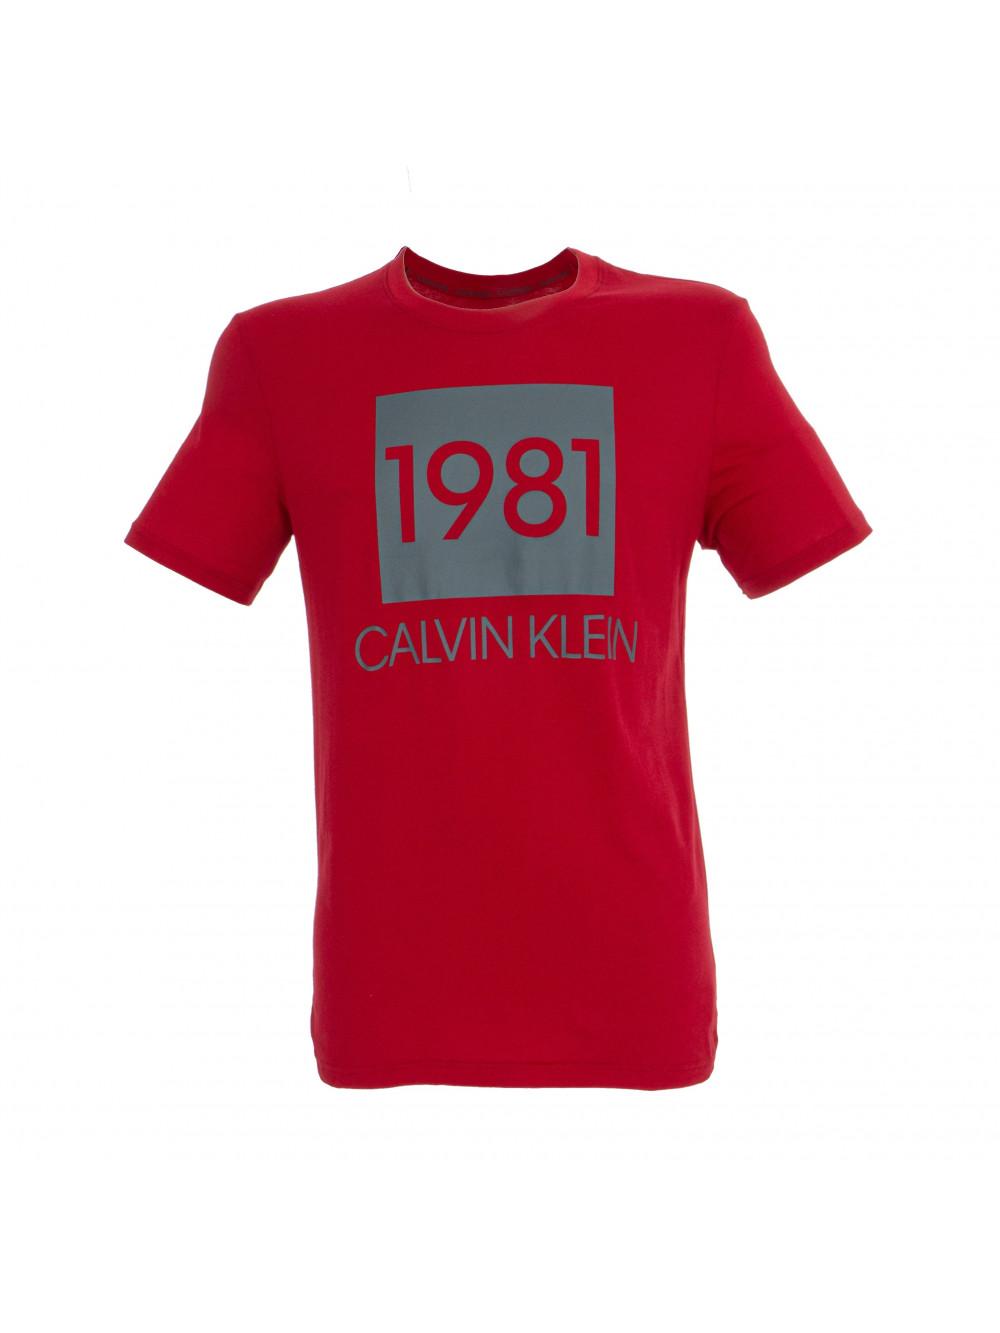 Pánske tričko Calvin Klein SS Crew Neck 1981 červené